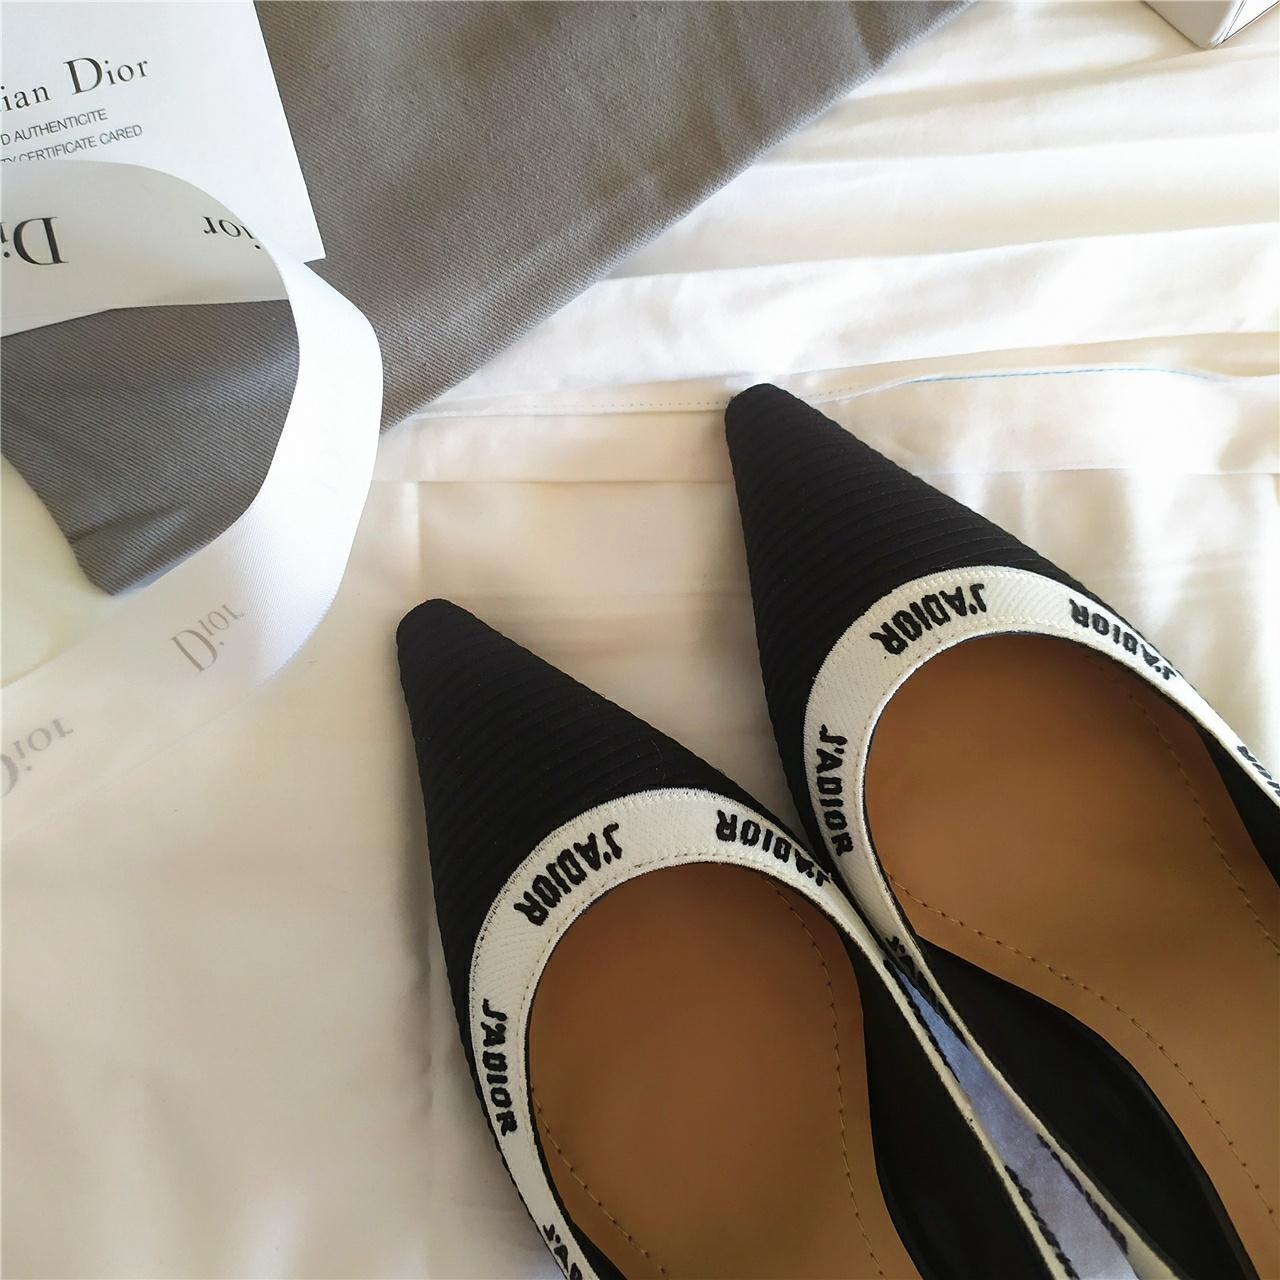 J'ADIOR高跟鞋 迪奥刺绣设计灵感高跟鞋